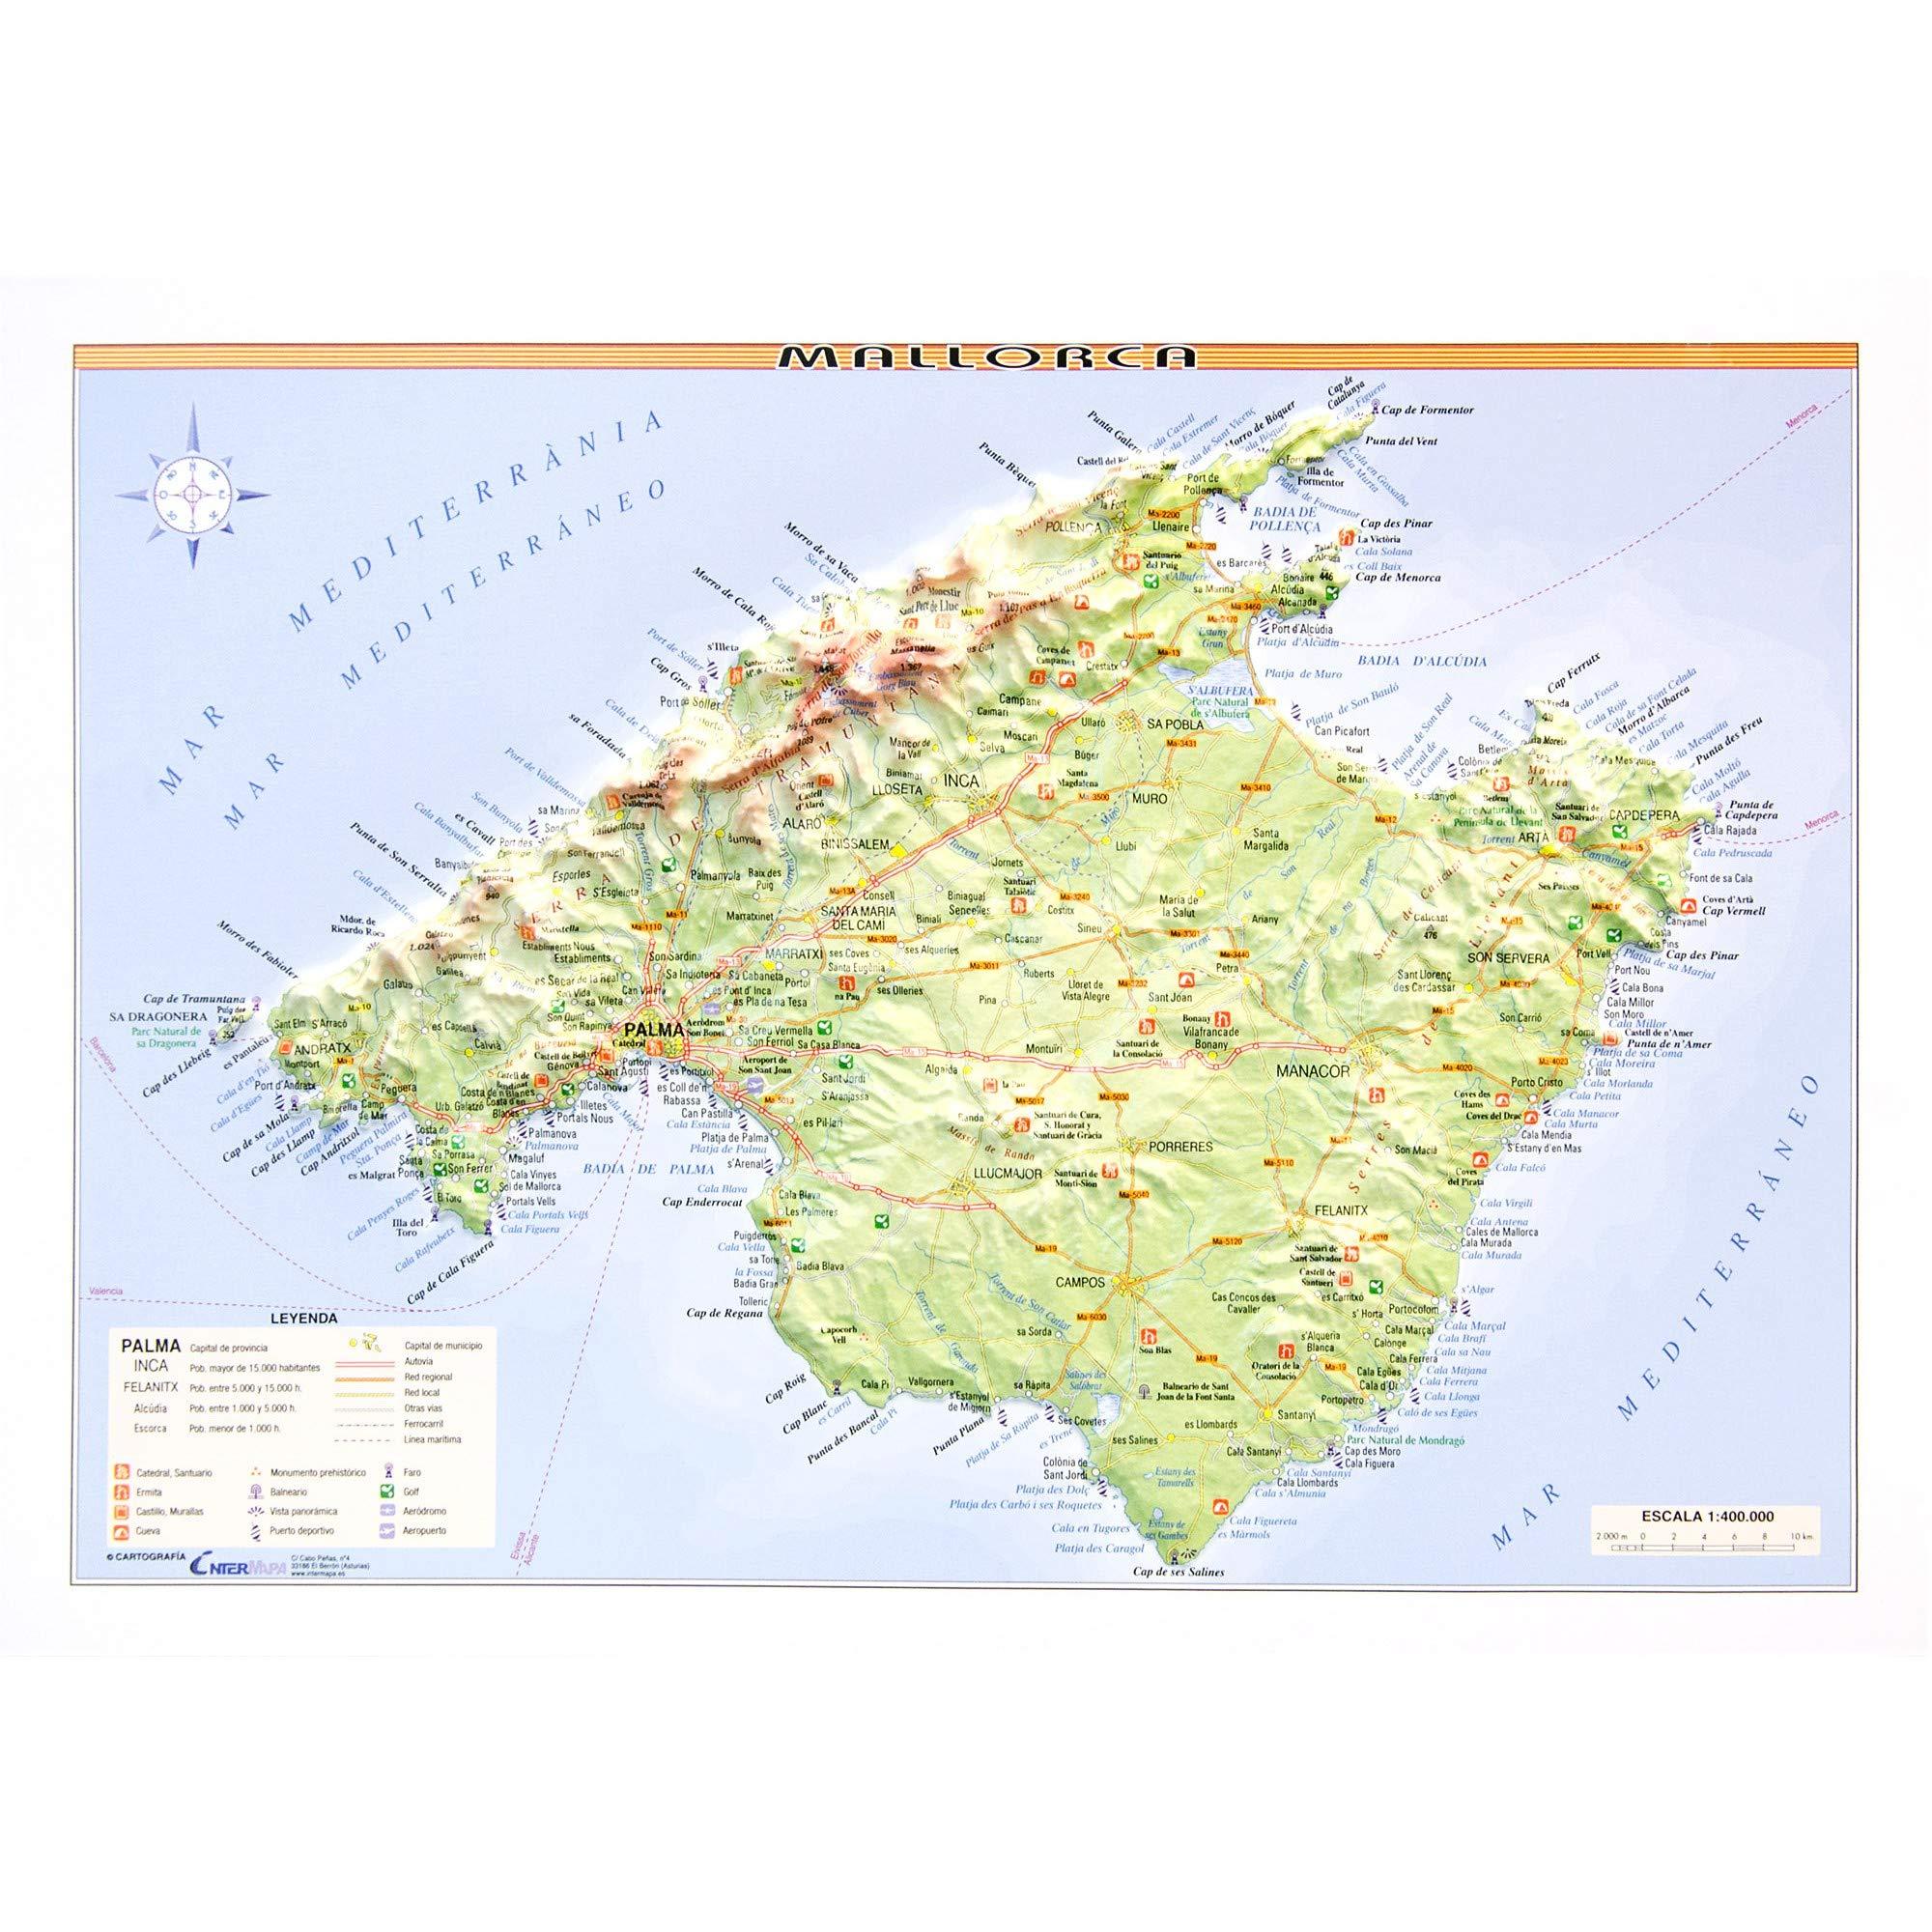 Mapa en relieve de Mallorca: Escala 1:400.000: Amazon.es: All 3D Form, S.L.: Libros